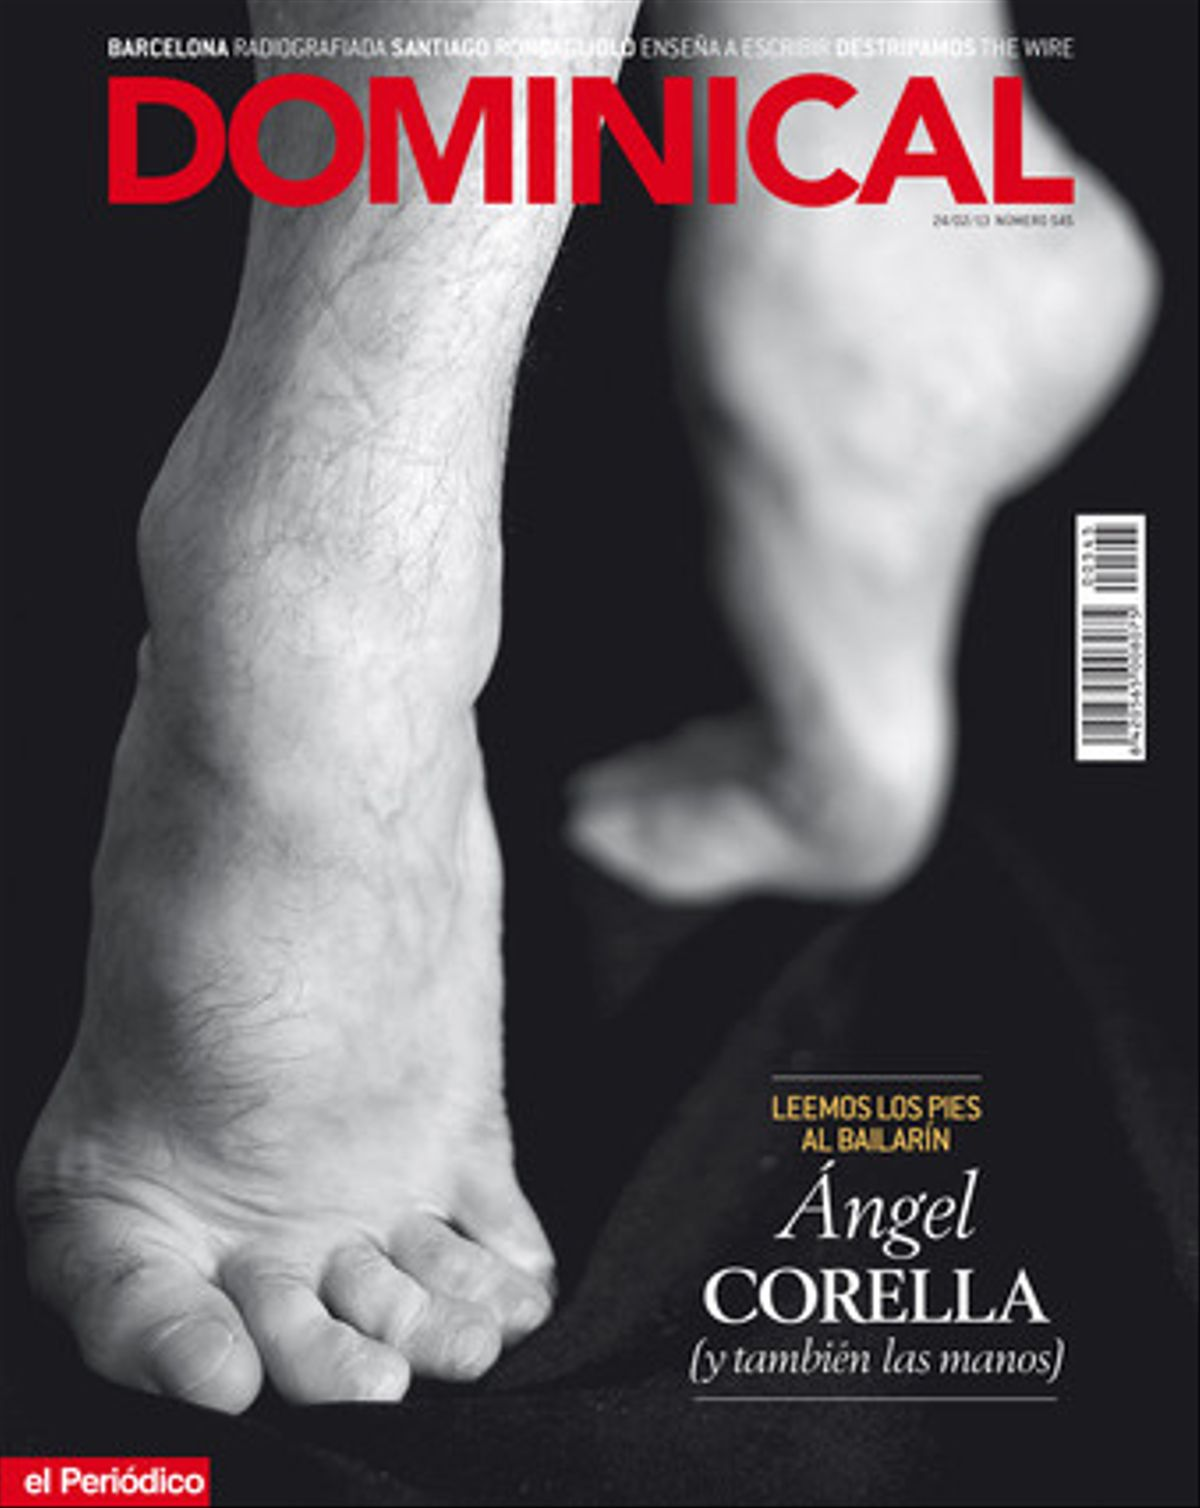 Los pies del bailarín Ángel Corella, protagonistas de la portada del 'Dominical' del 24 de febrero.